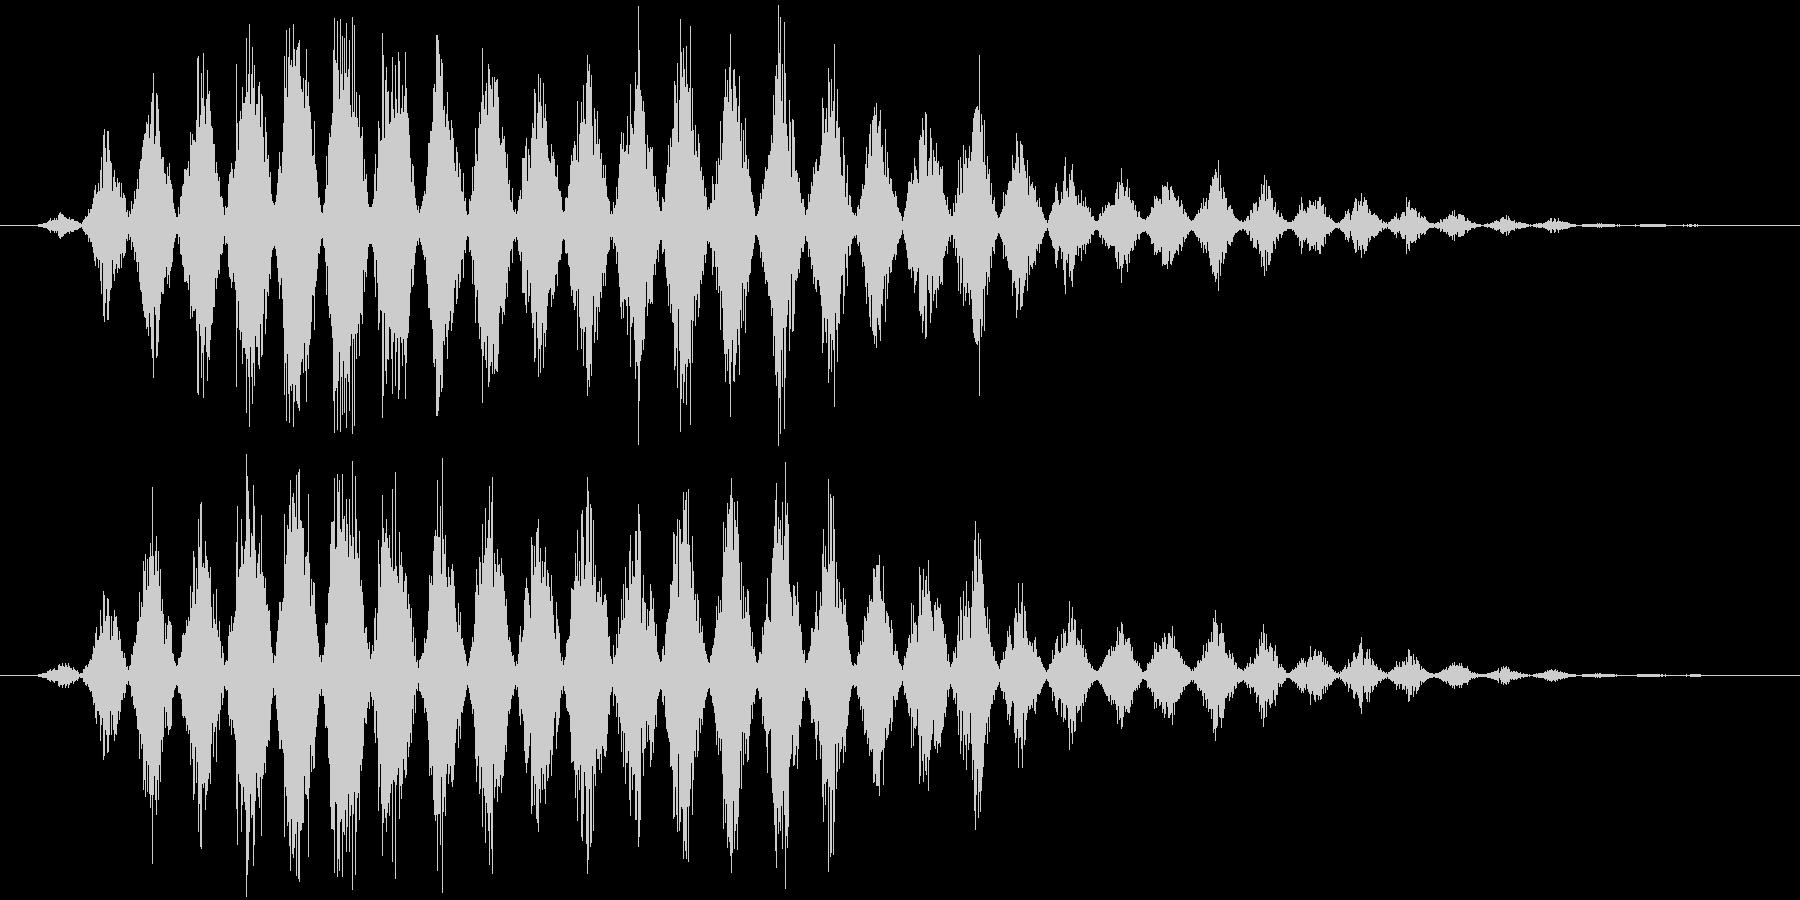 フルアァーッ(モンスター、コウモリ系)の未再生の波形